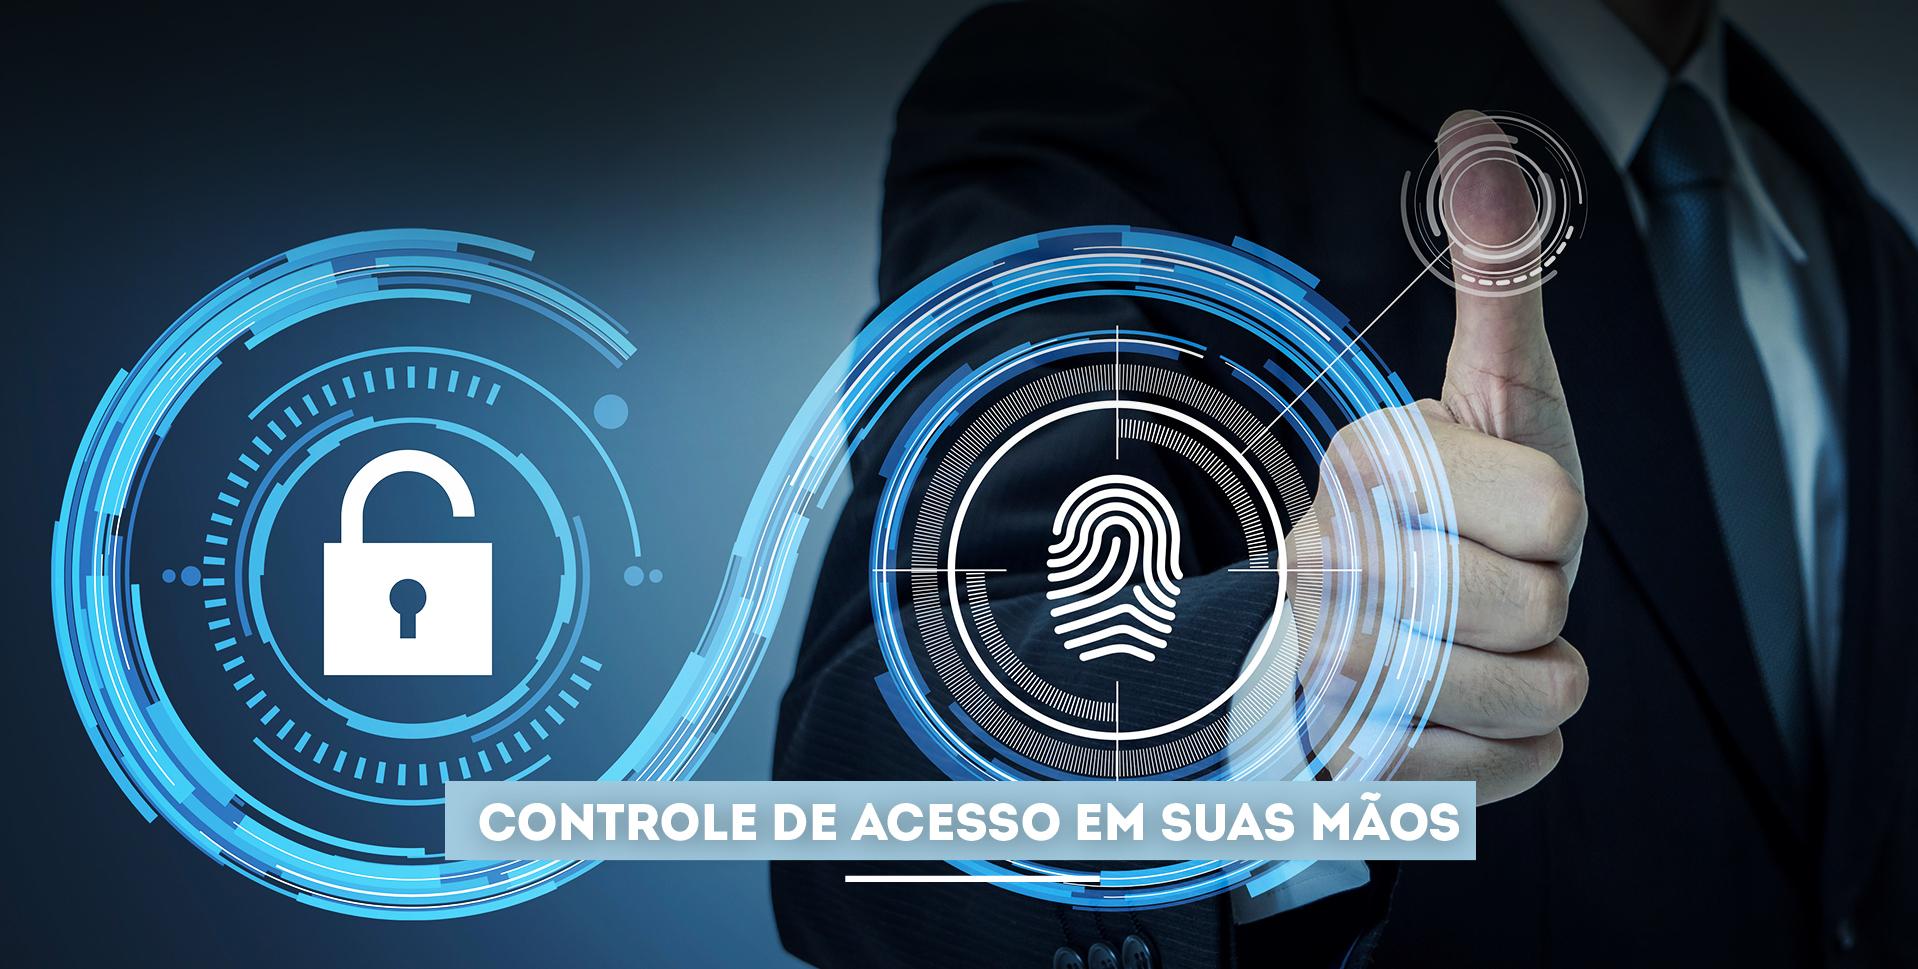 Controle de acesso em suas mãos